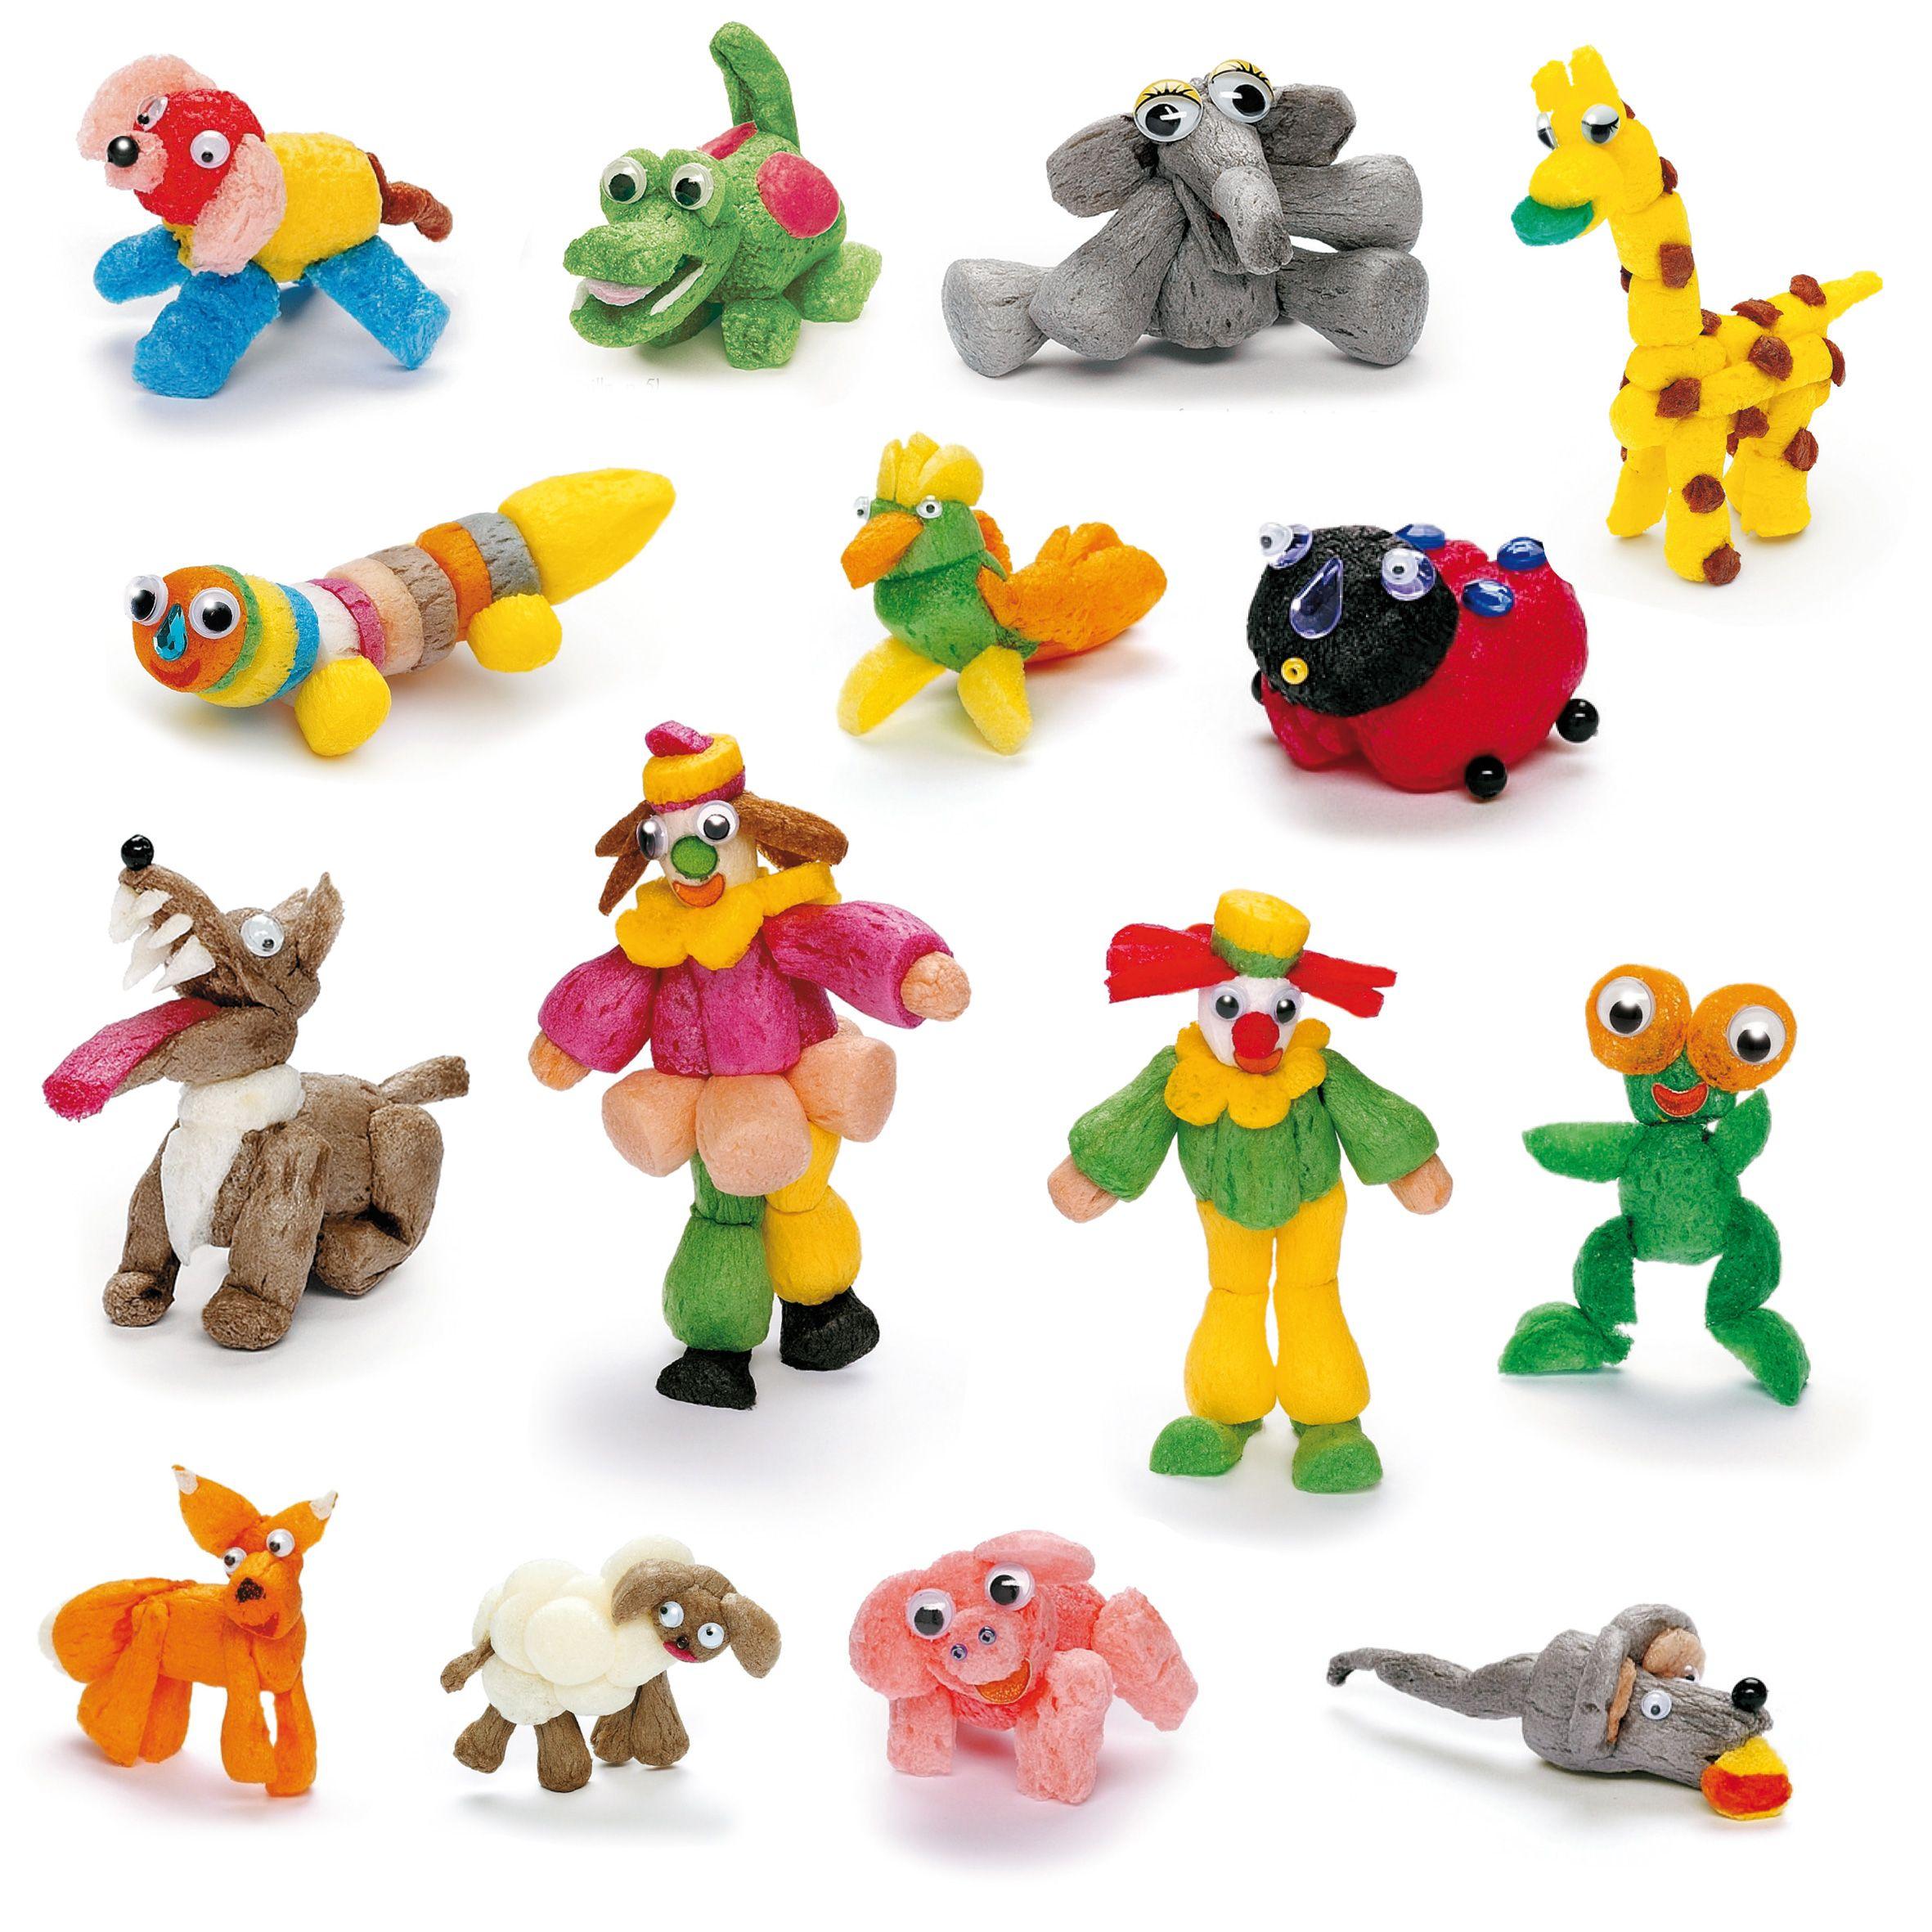 Flocons de maïs colorés pour créer des décors, des personnages, des animaux tout en s'amusant ...